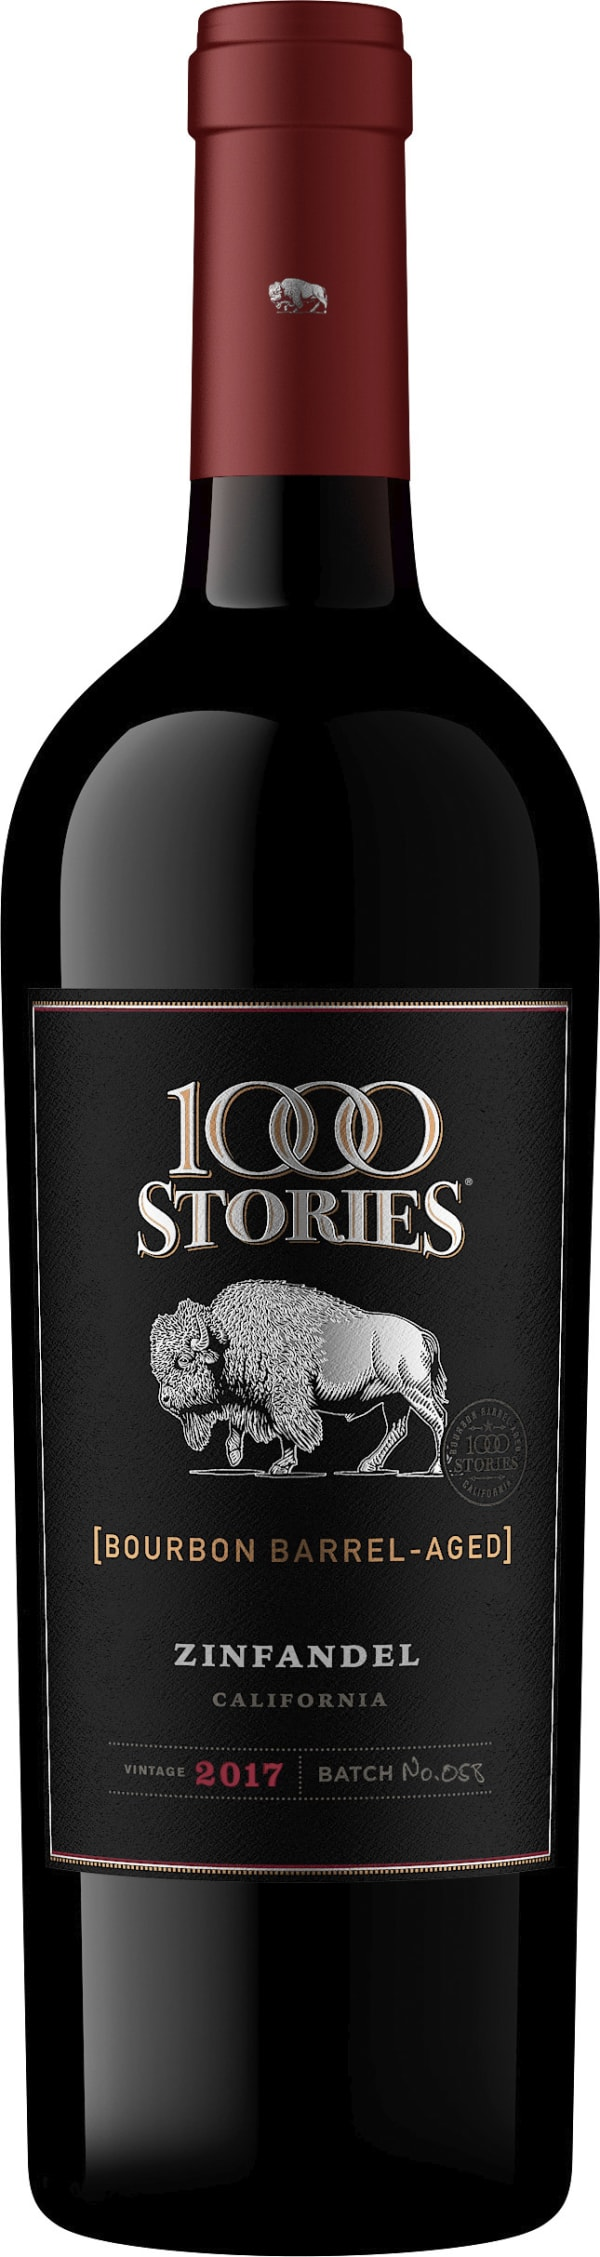 1000 Stories Zinfandel 2018